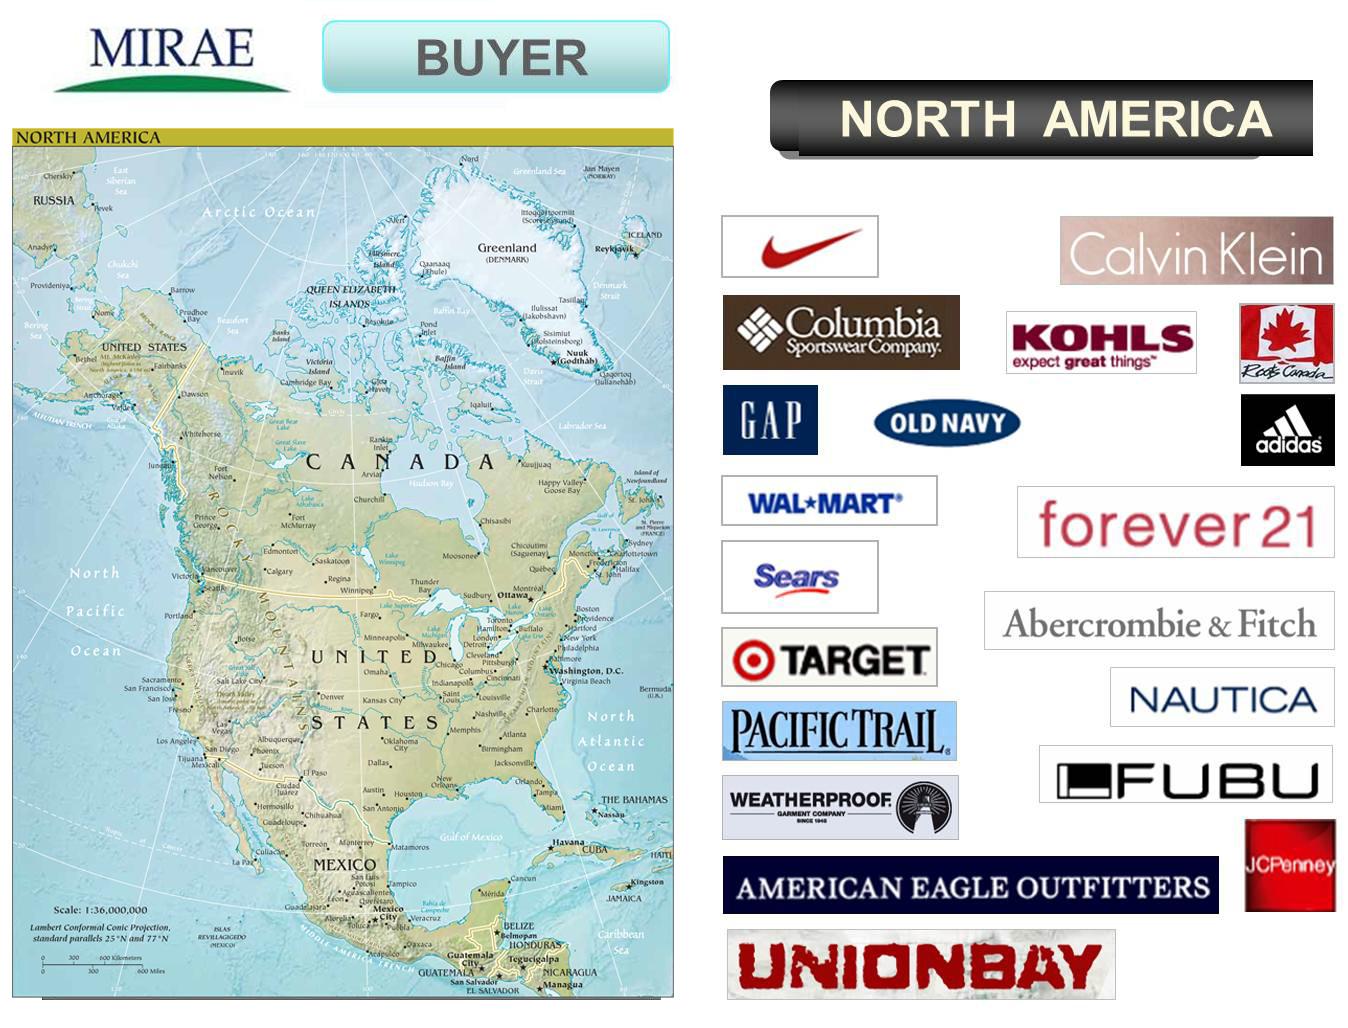 Mirae Abnehmer Nordamerika